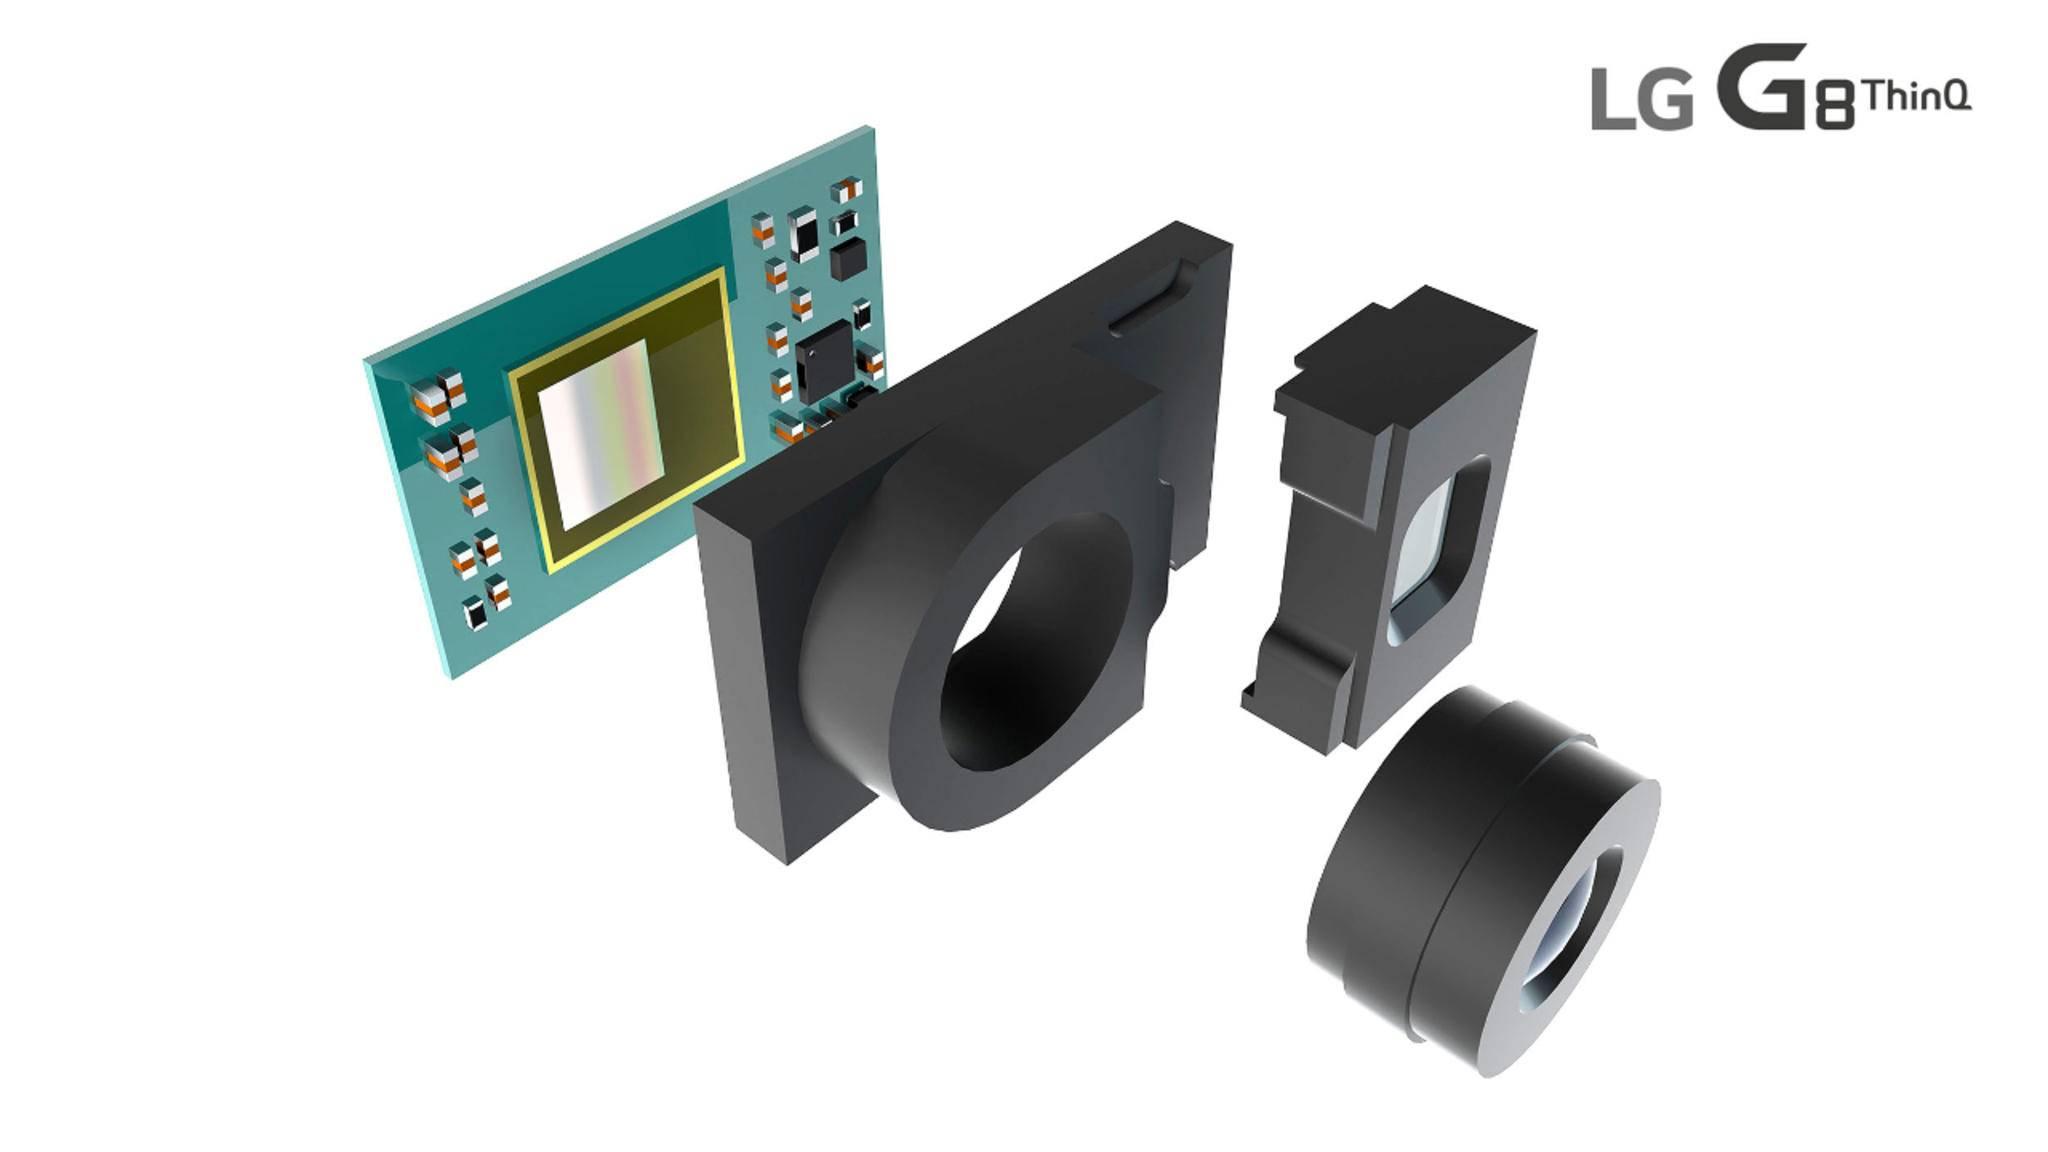 Auf der Vorderseite des LG G8 ThinQ blickt der Nutzer in eine 3D-Kamera.